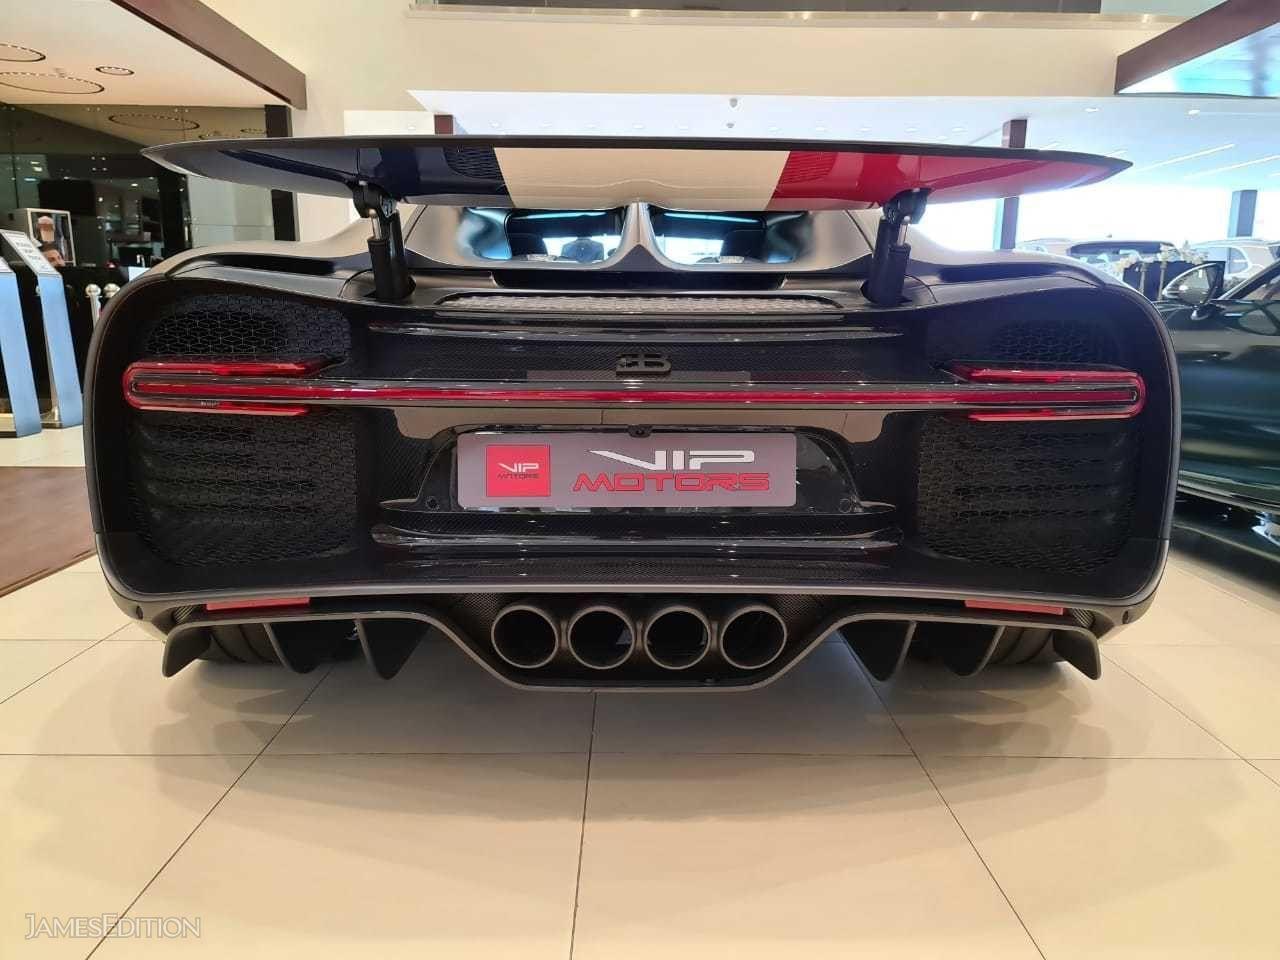 2020 Bugatti Chiron In Dubai United Arab Emirates For Sale 10995953 Bugatti Chiron Bugatti Most Expensive Car Brands